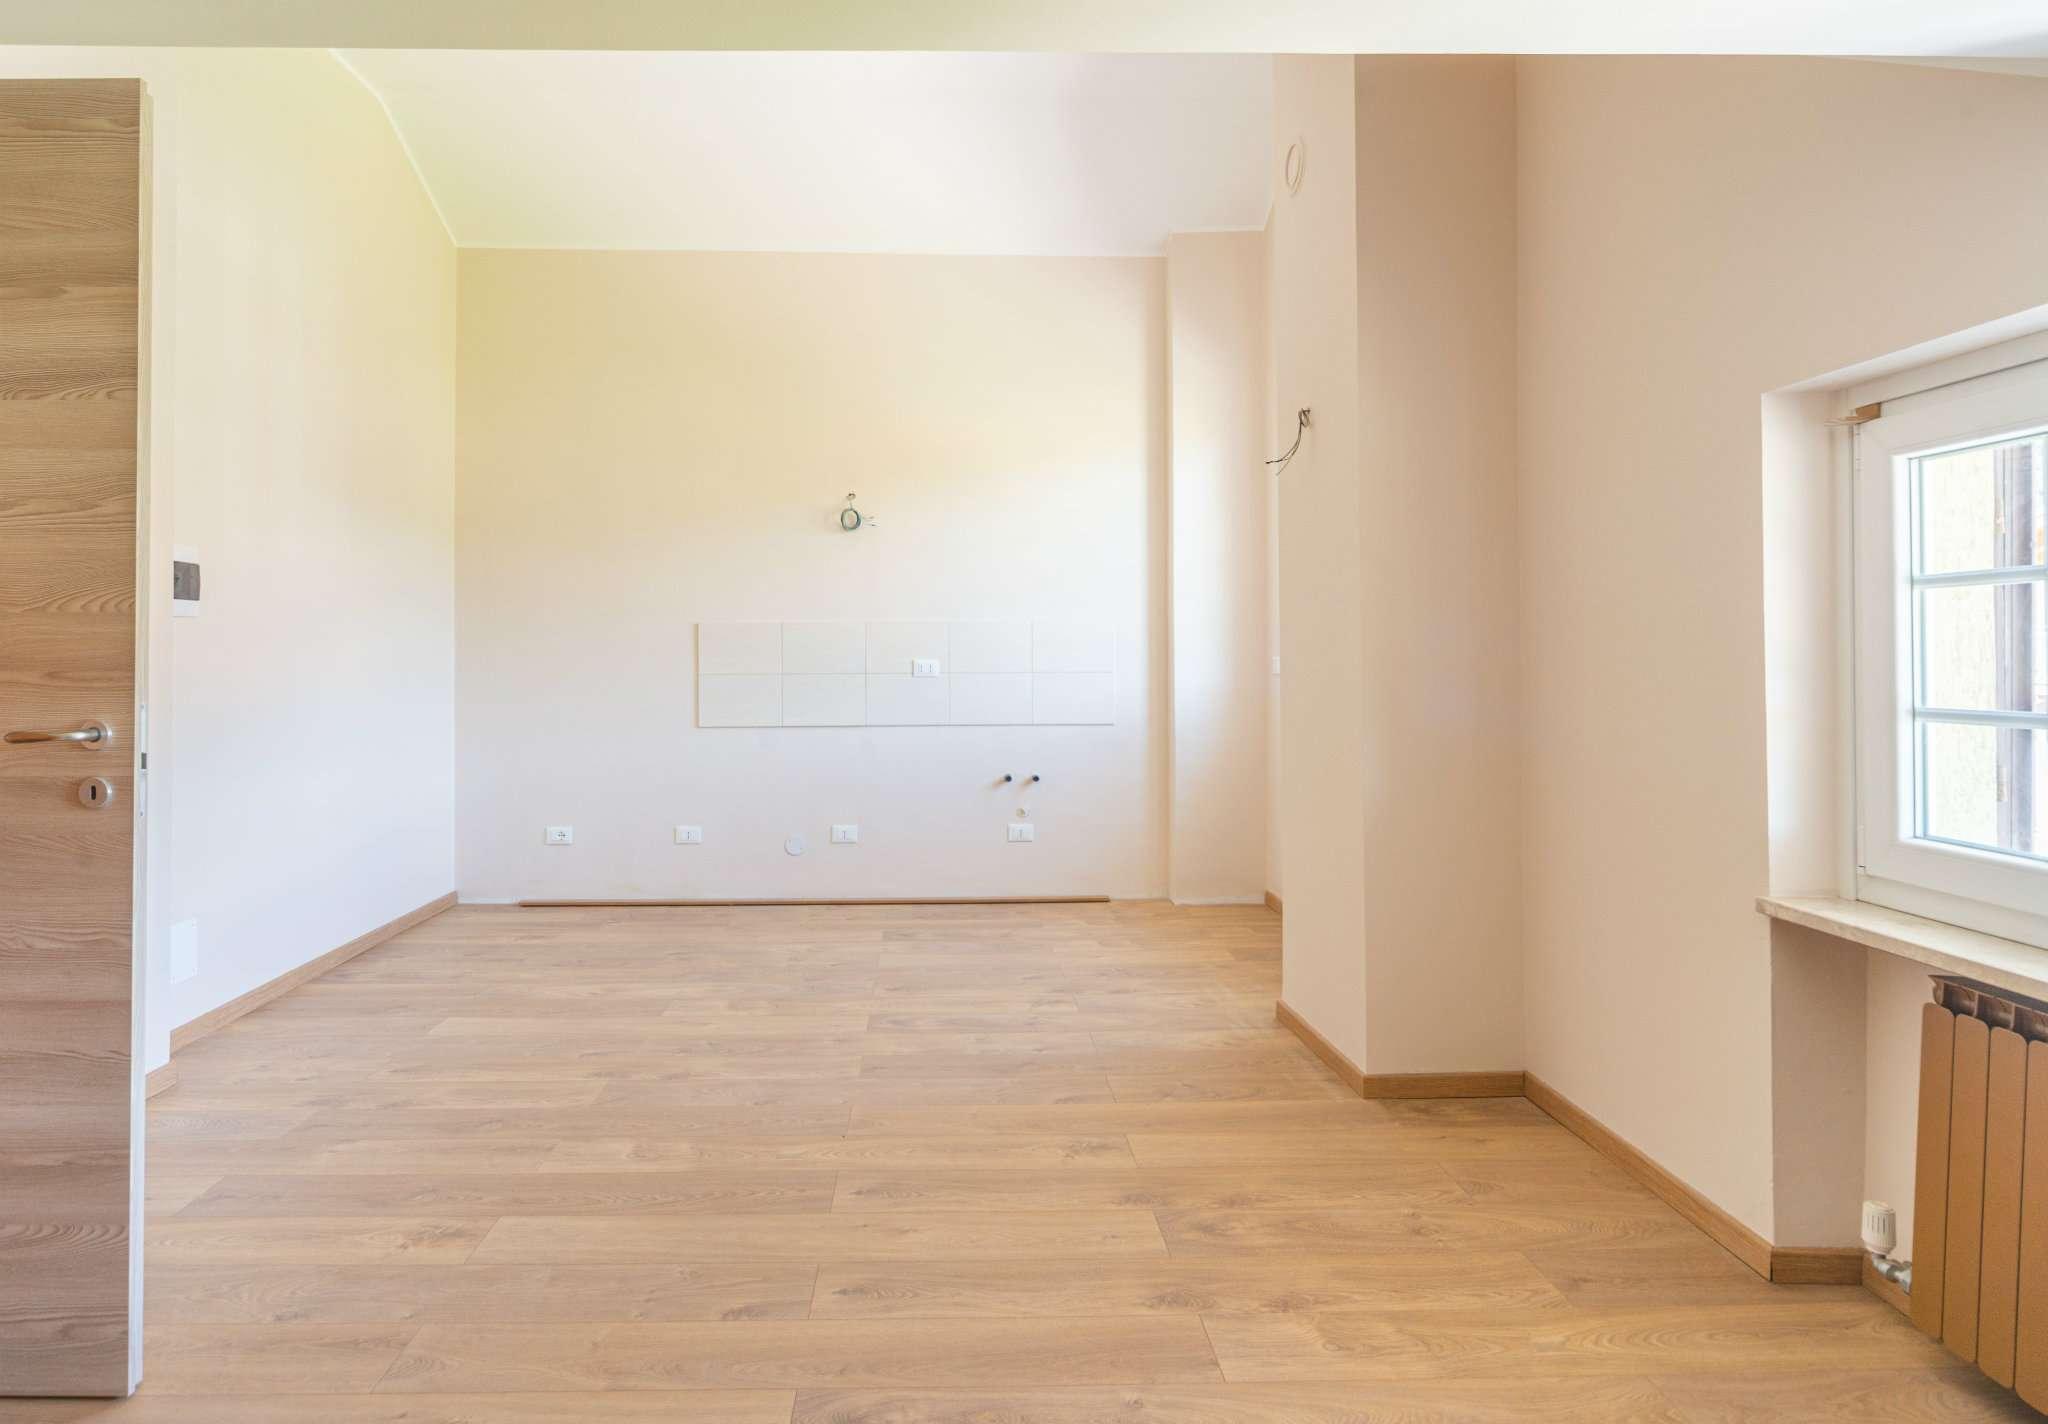 Appartamento in affitto a Valgrana, 2 locali, prezzo € 250 | PortaleAgenzieImmobiliari.it